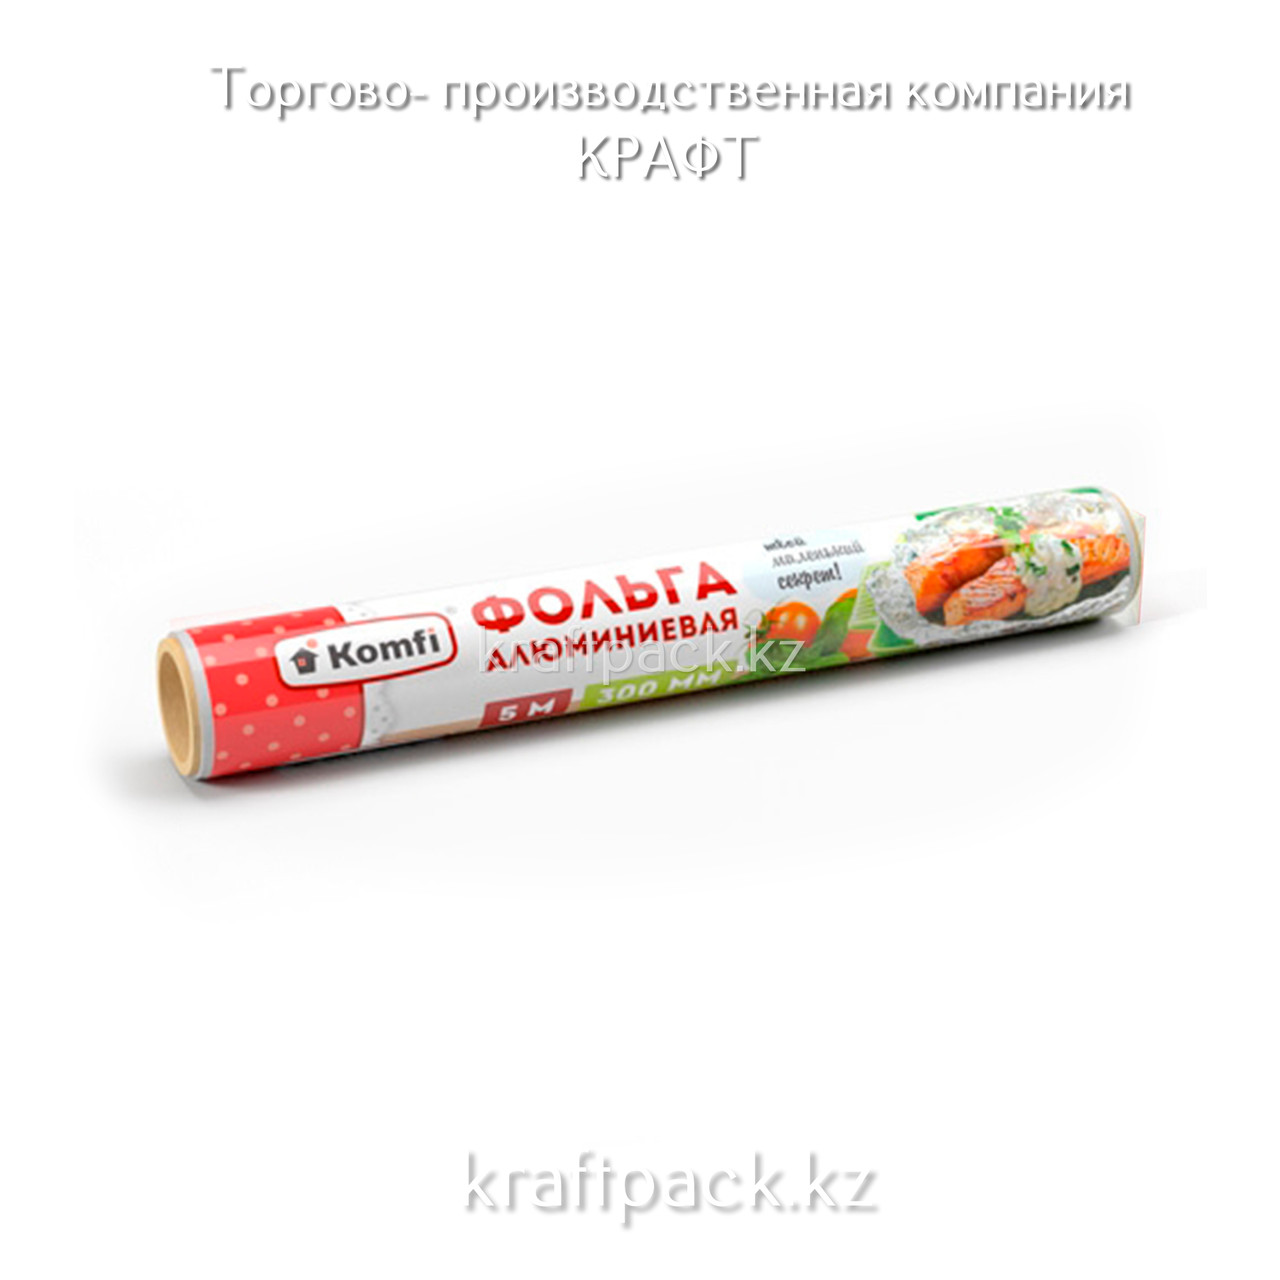 Фольга, рулон 300мм х 25м (10мкр)